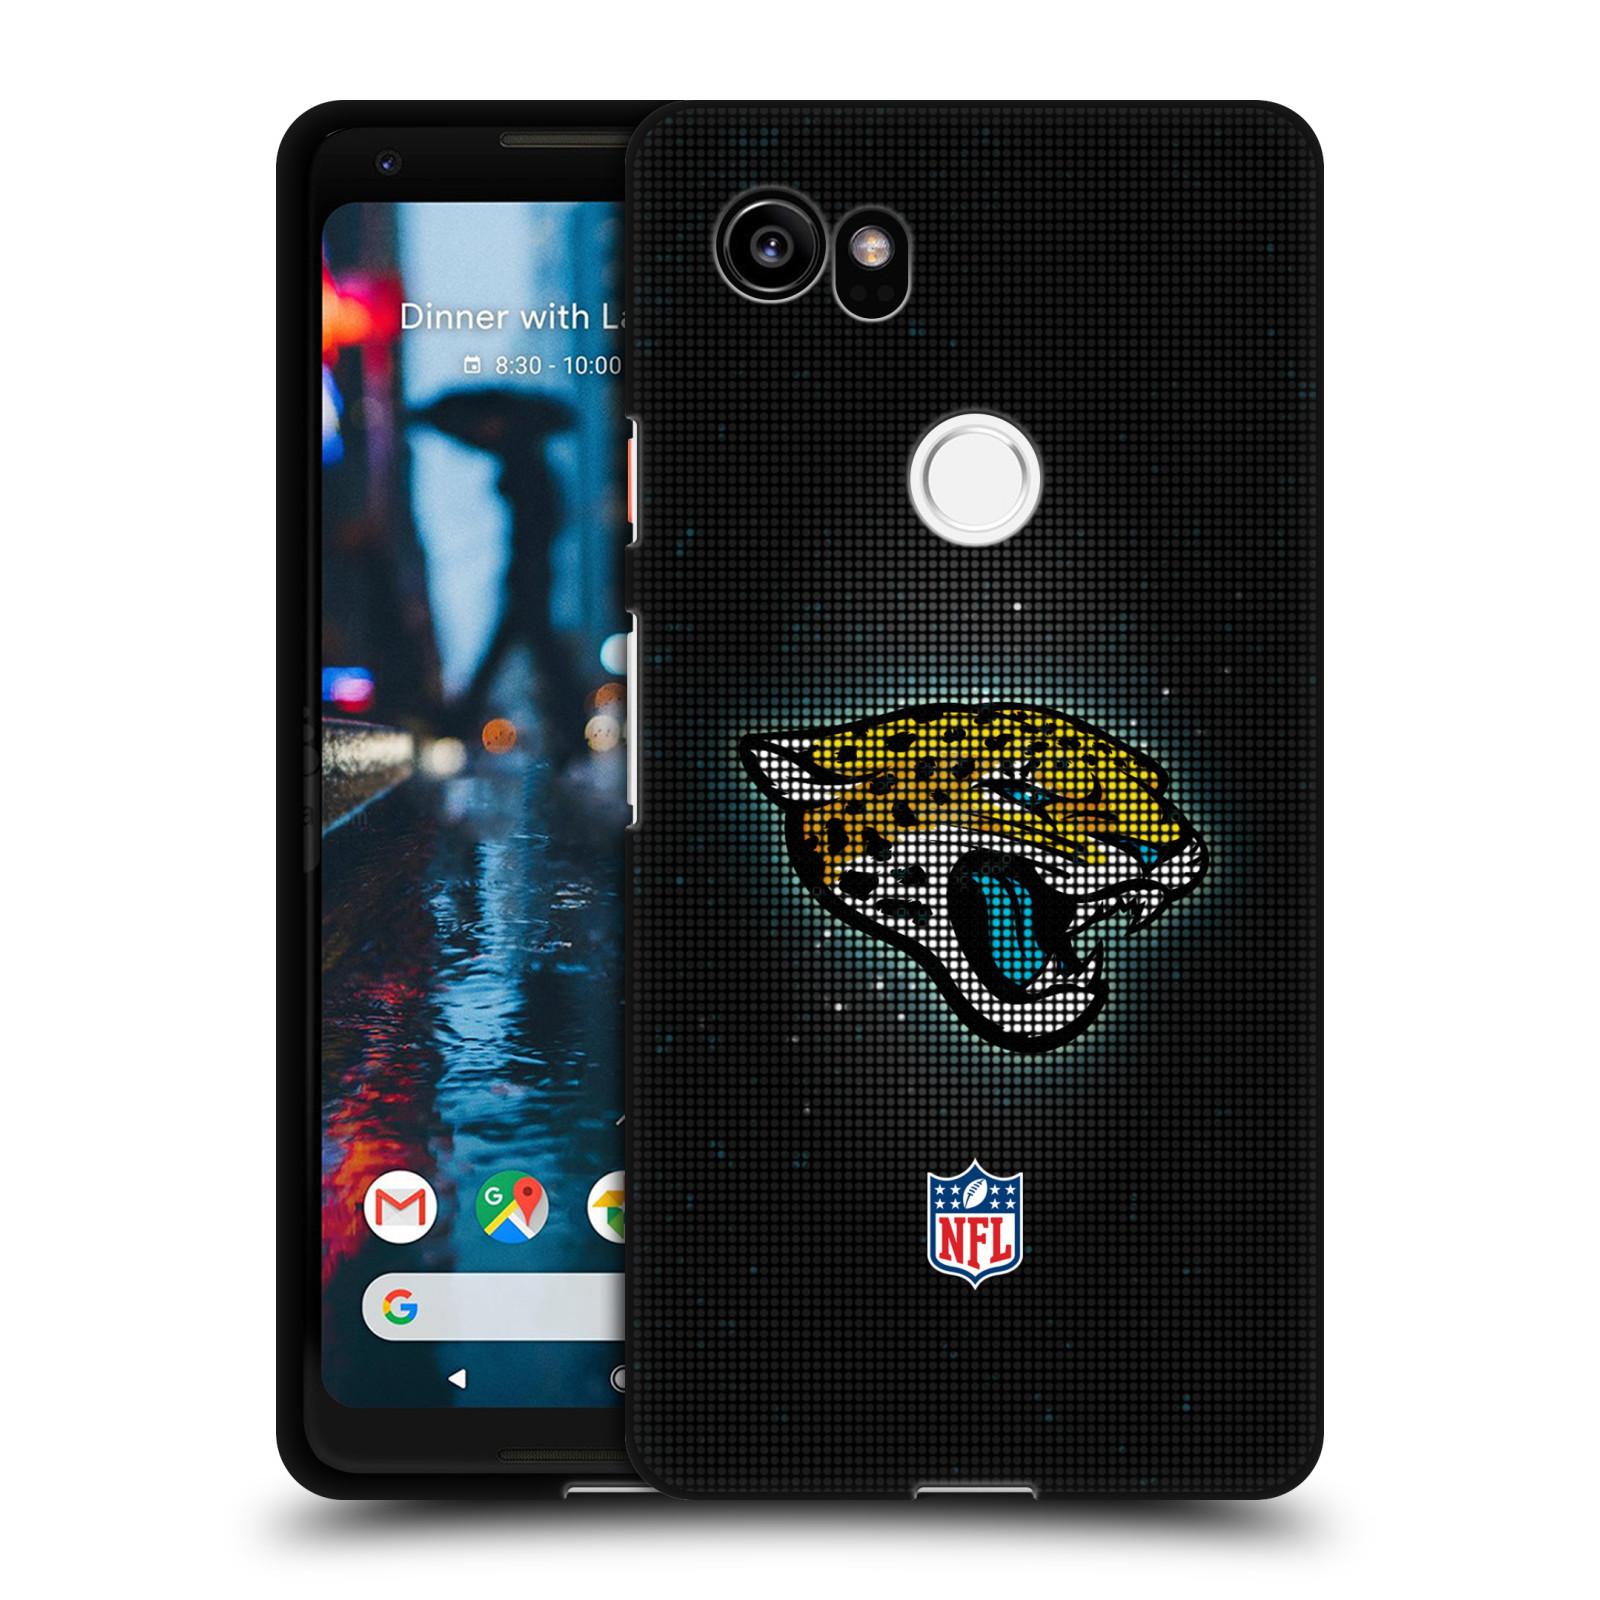 OFFICIAL-NFL-2017-18-JACKSONVILLE-JAGUARS-BLACK-SOFT-GEL-CASE-FOR-GOOGLE-PHONES